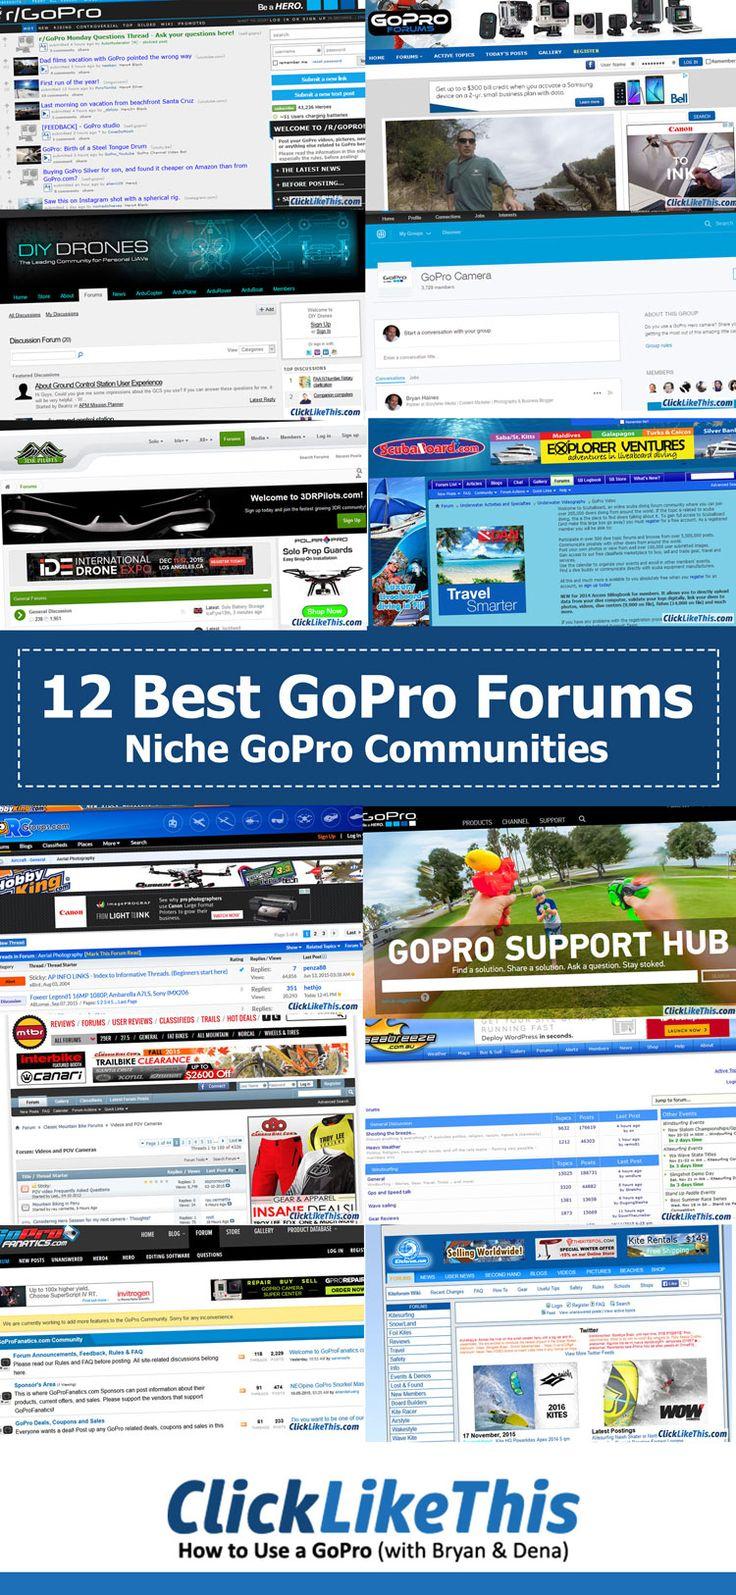 12 best GoPro forums